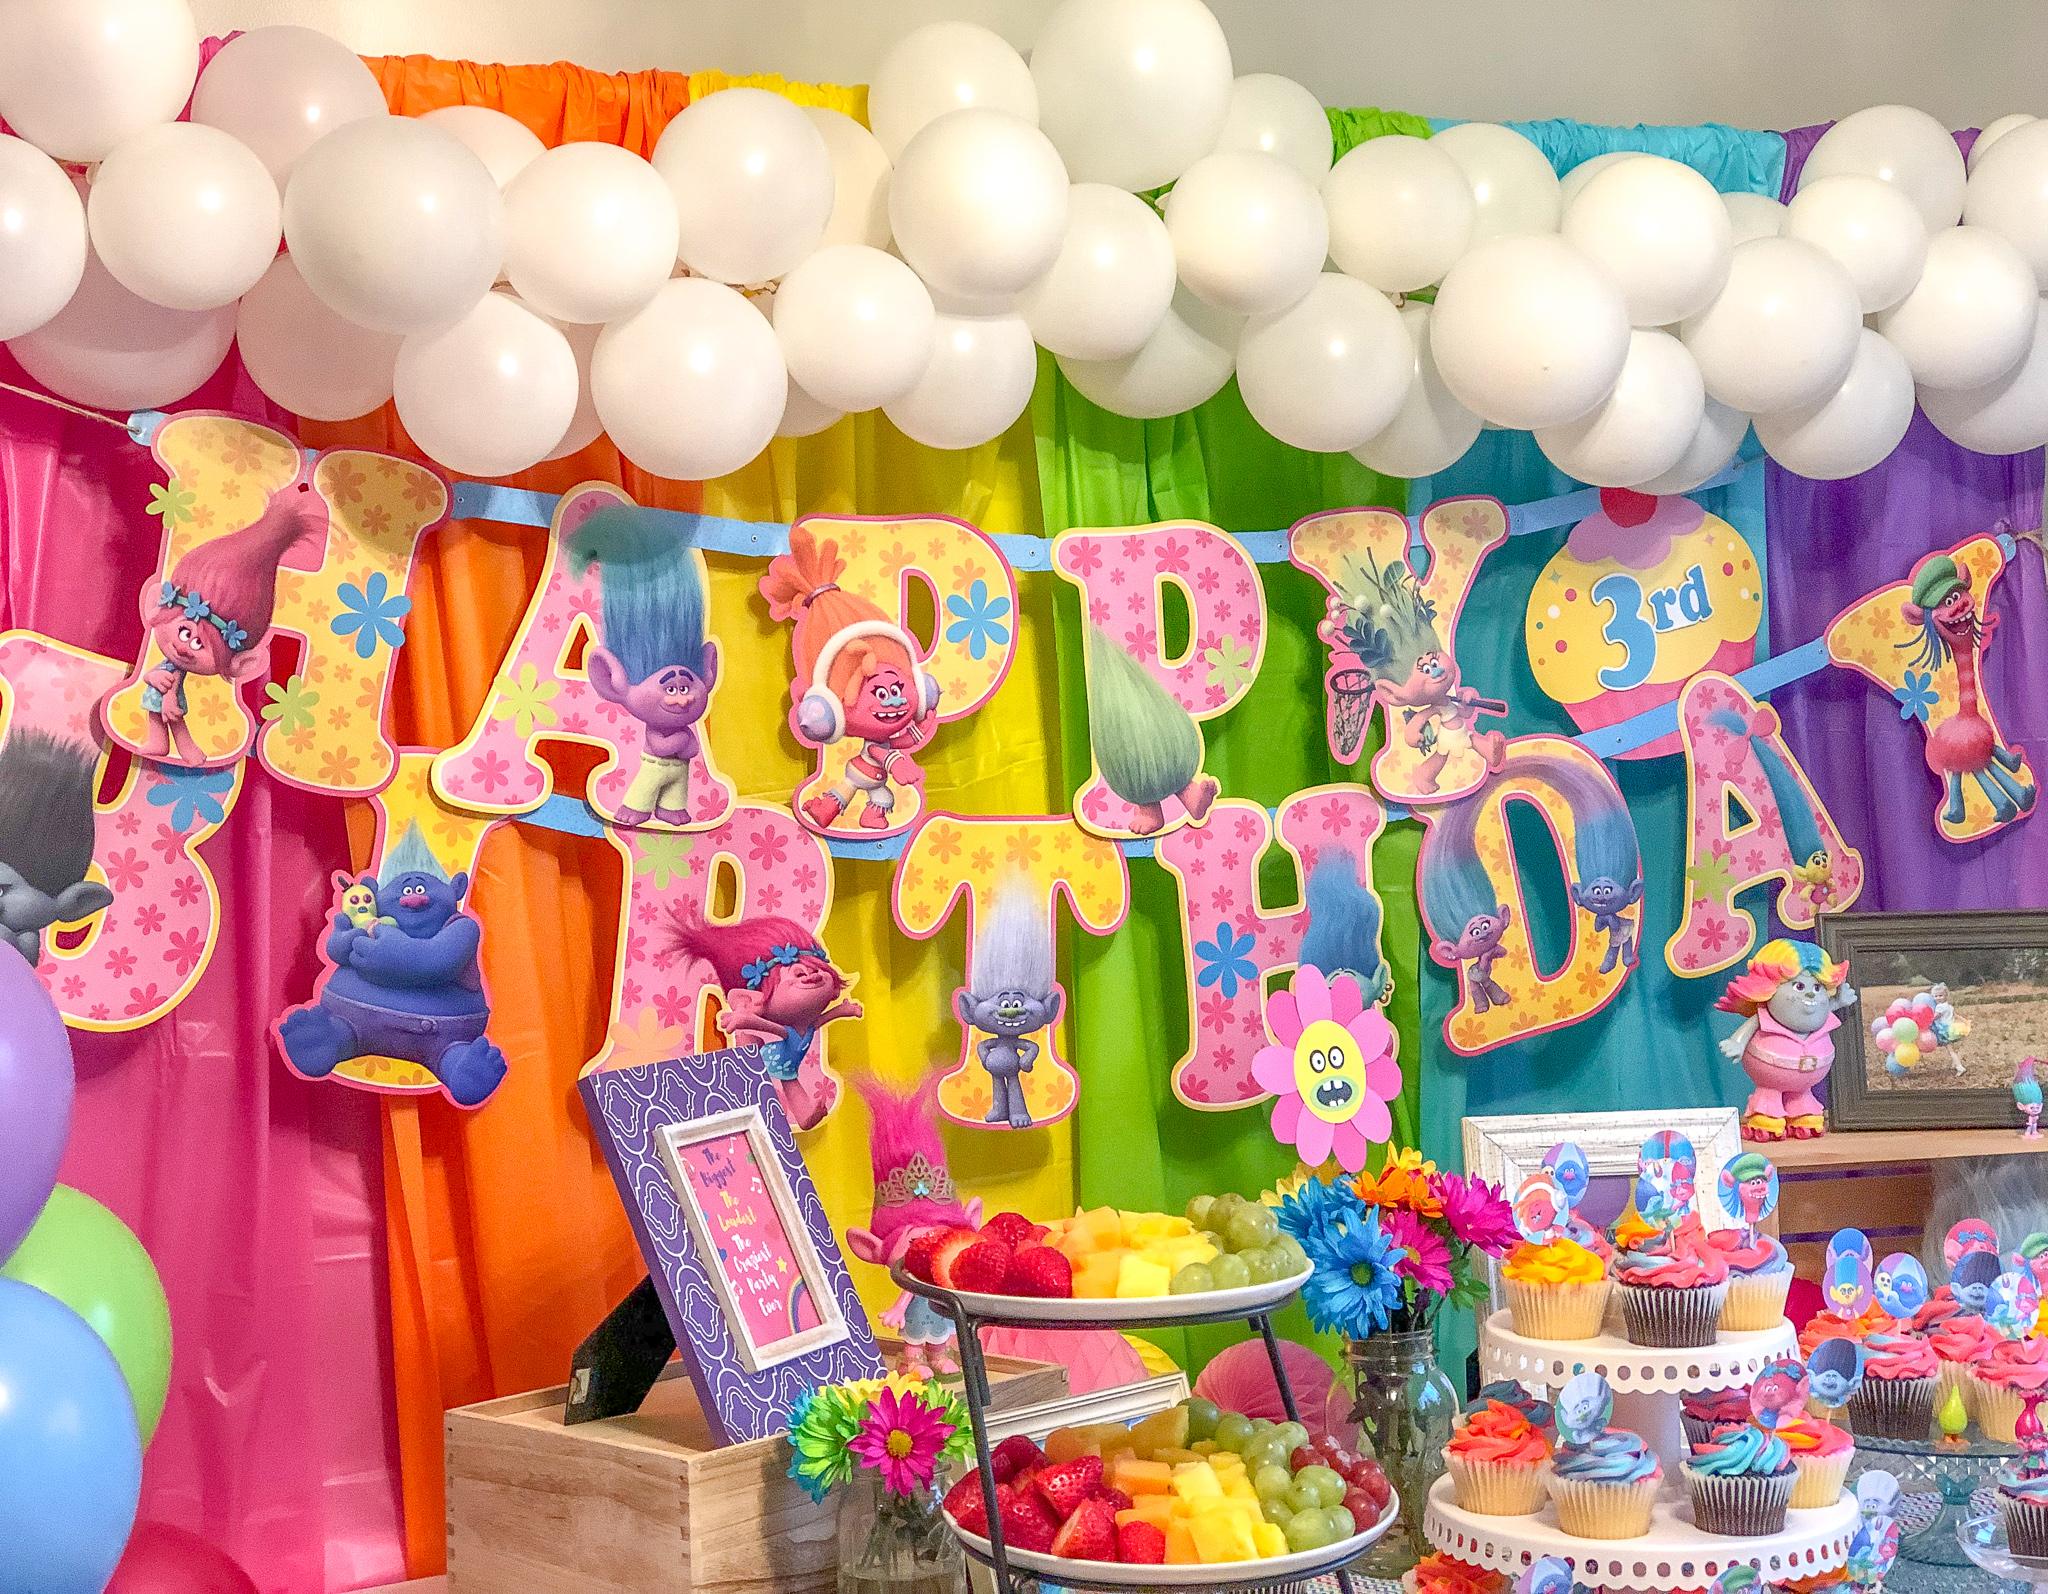 Trolls Birthday Party Decorations Ideas Food